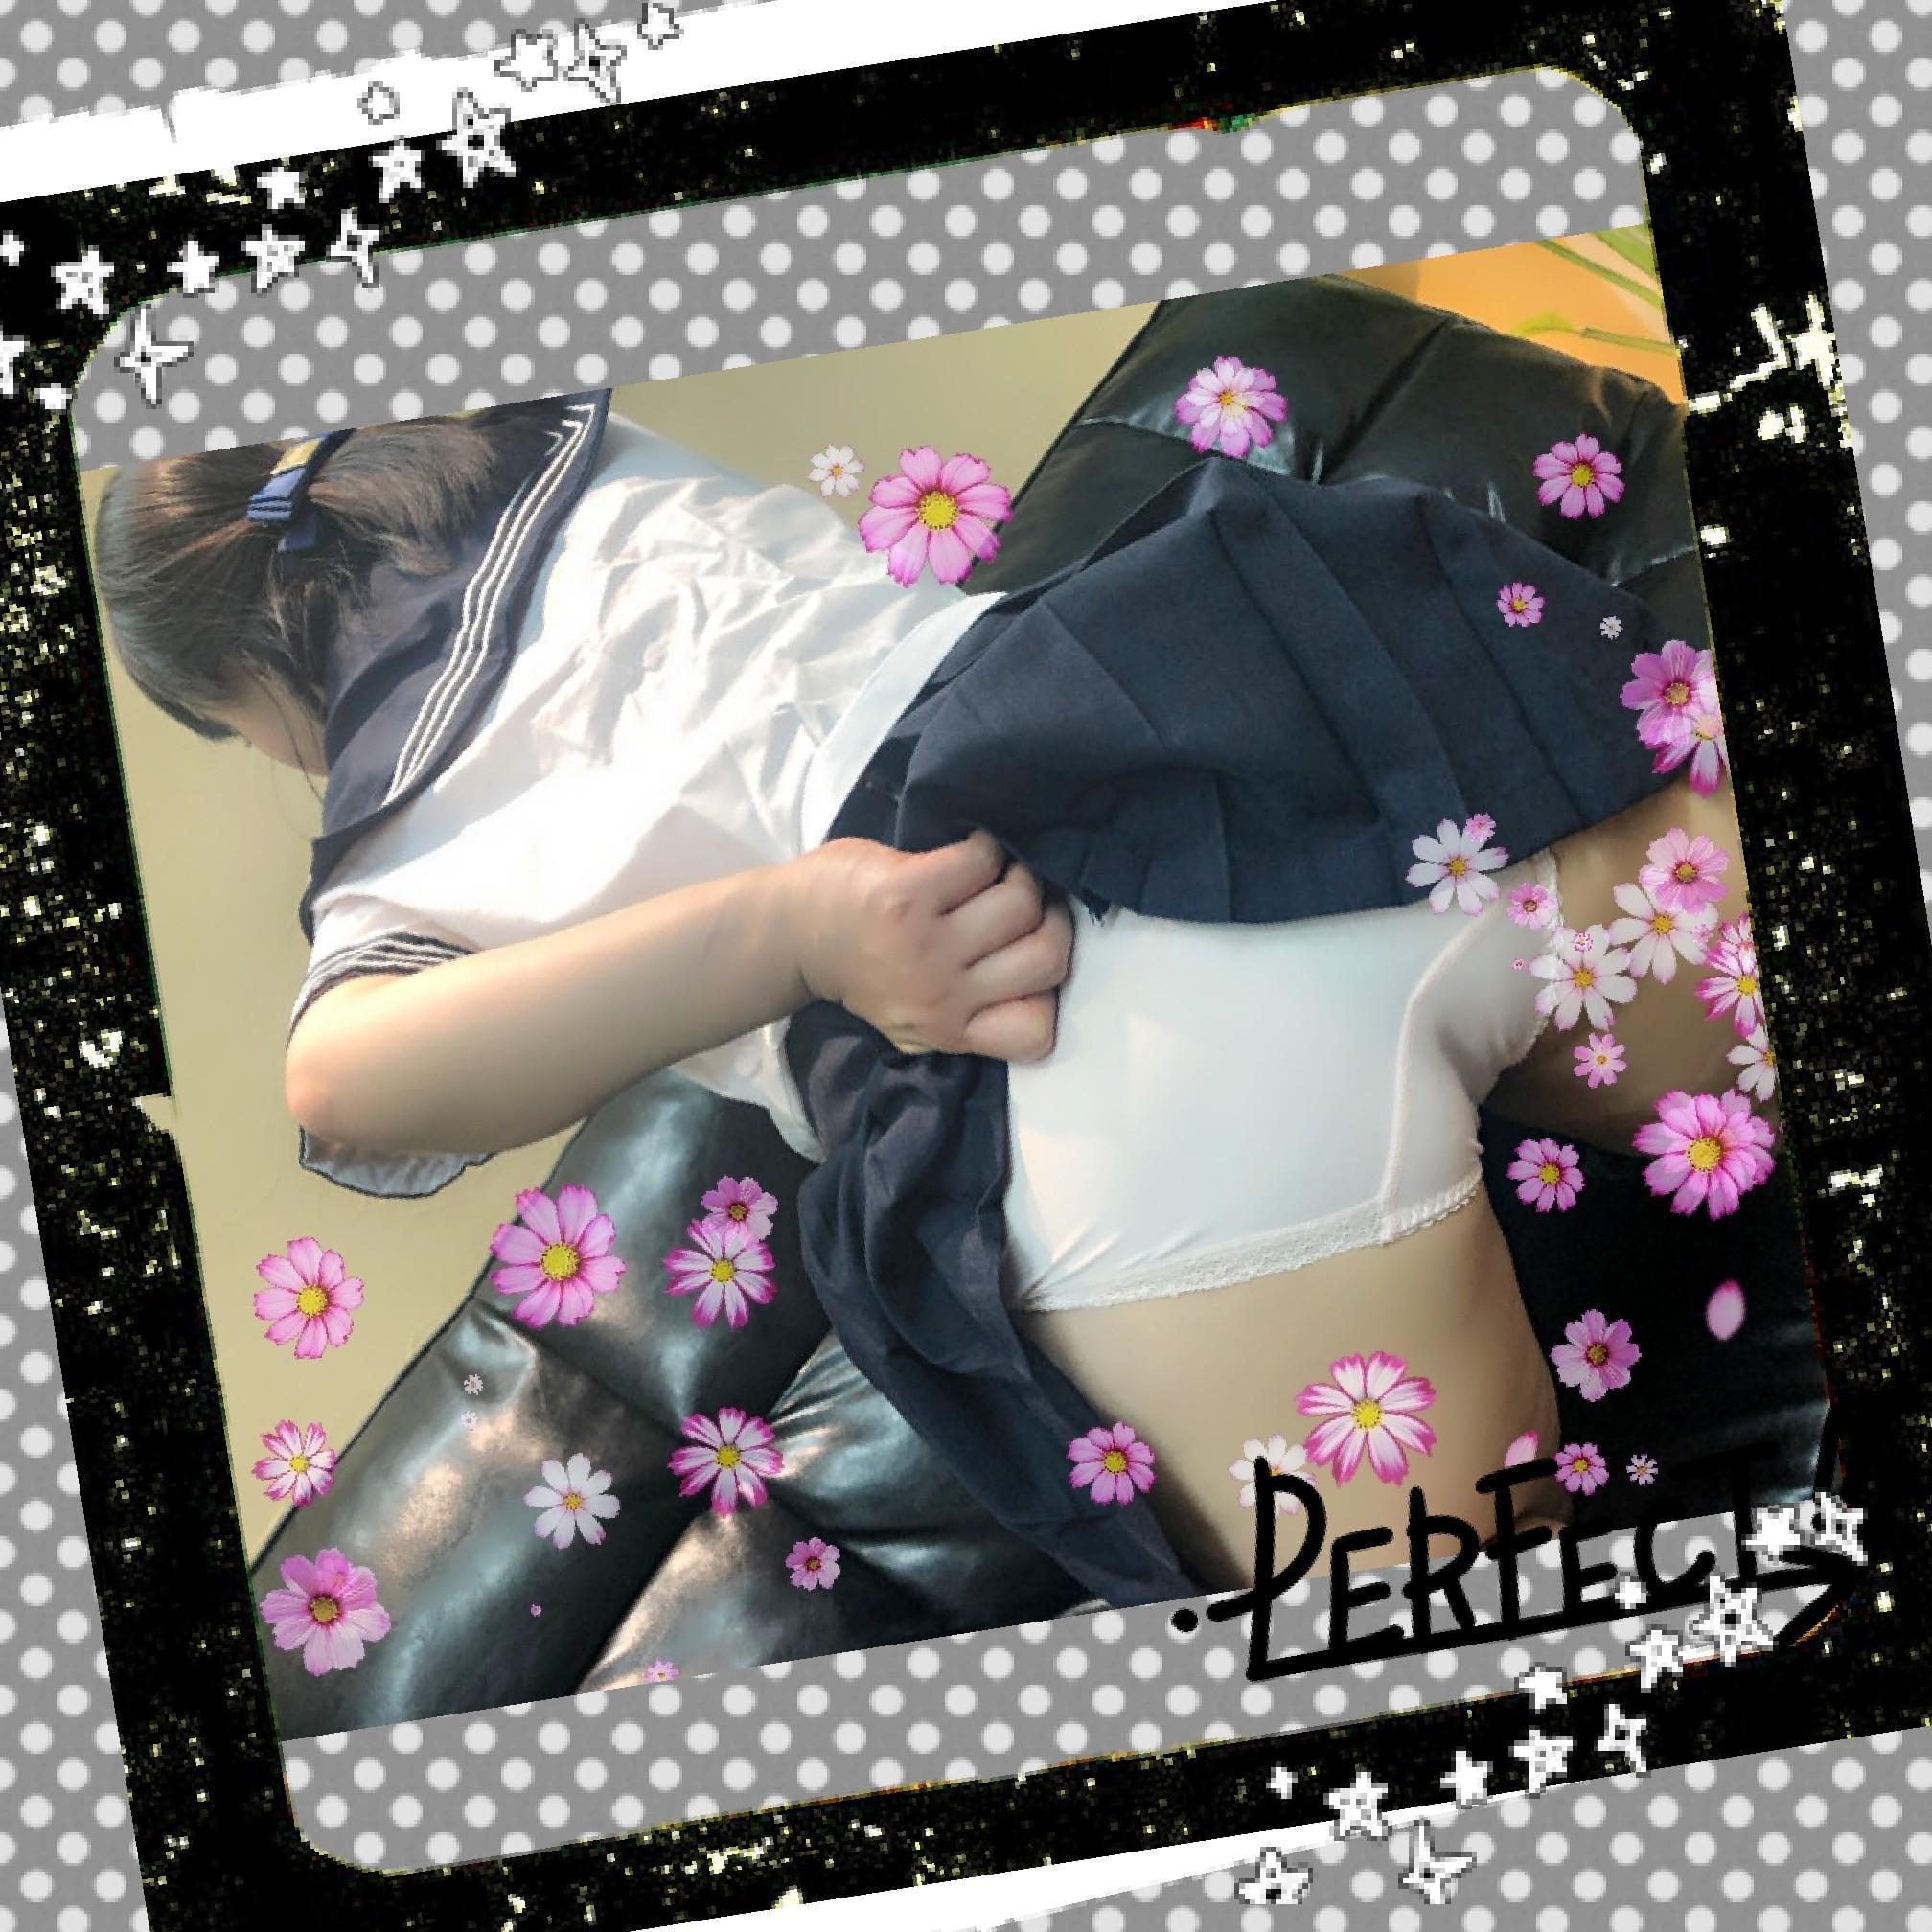 「おはようございます」01/21(月) 09:34   えまの写メ・風俗動画